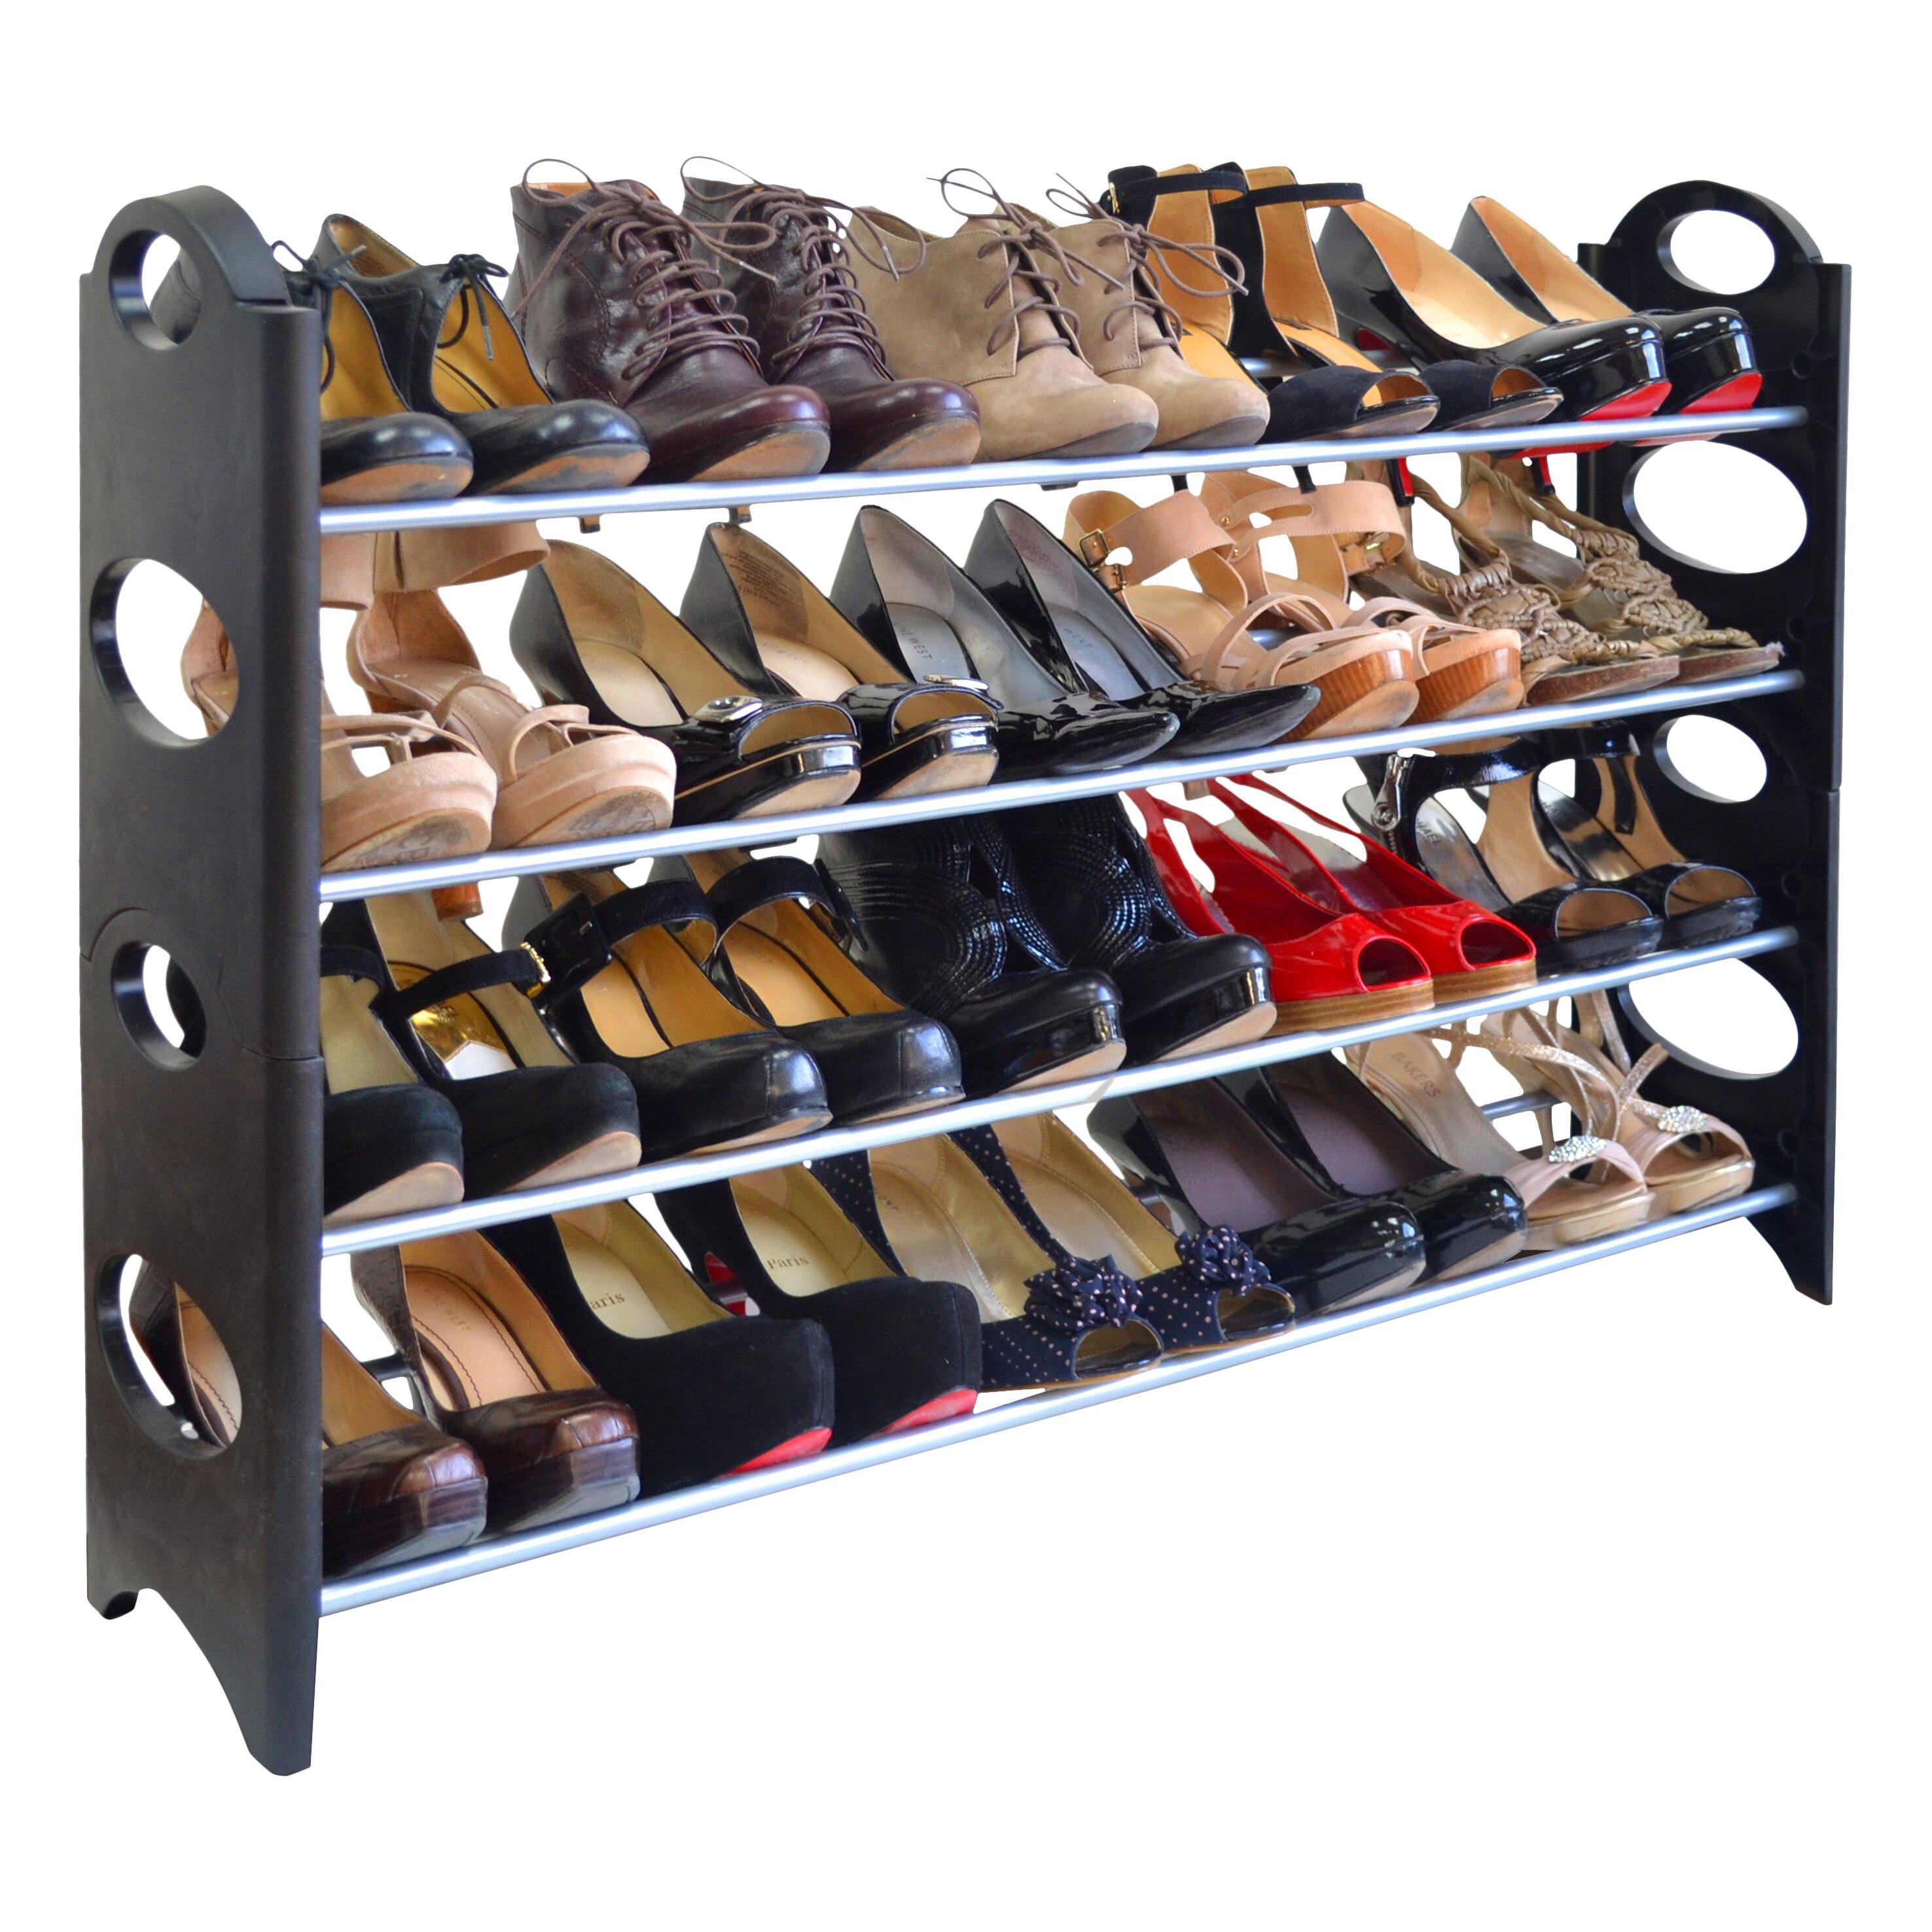 Linen Depot Direct 4-Tier Shoe Rack & Reviews | Wayfair